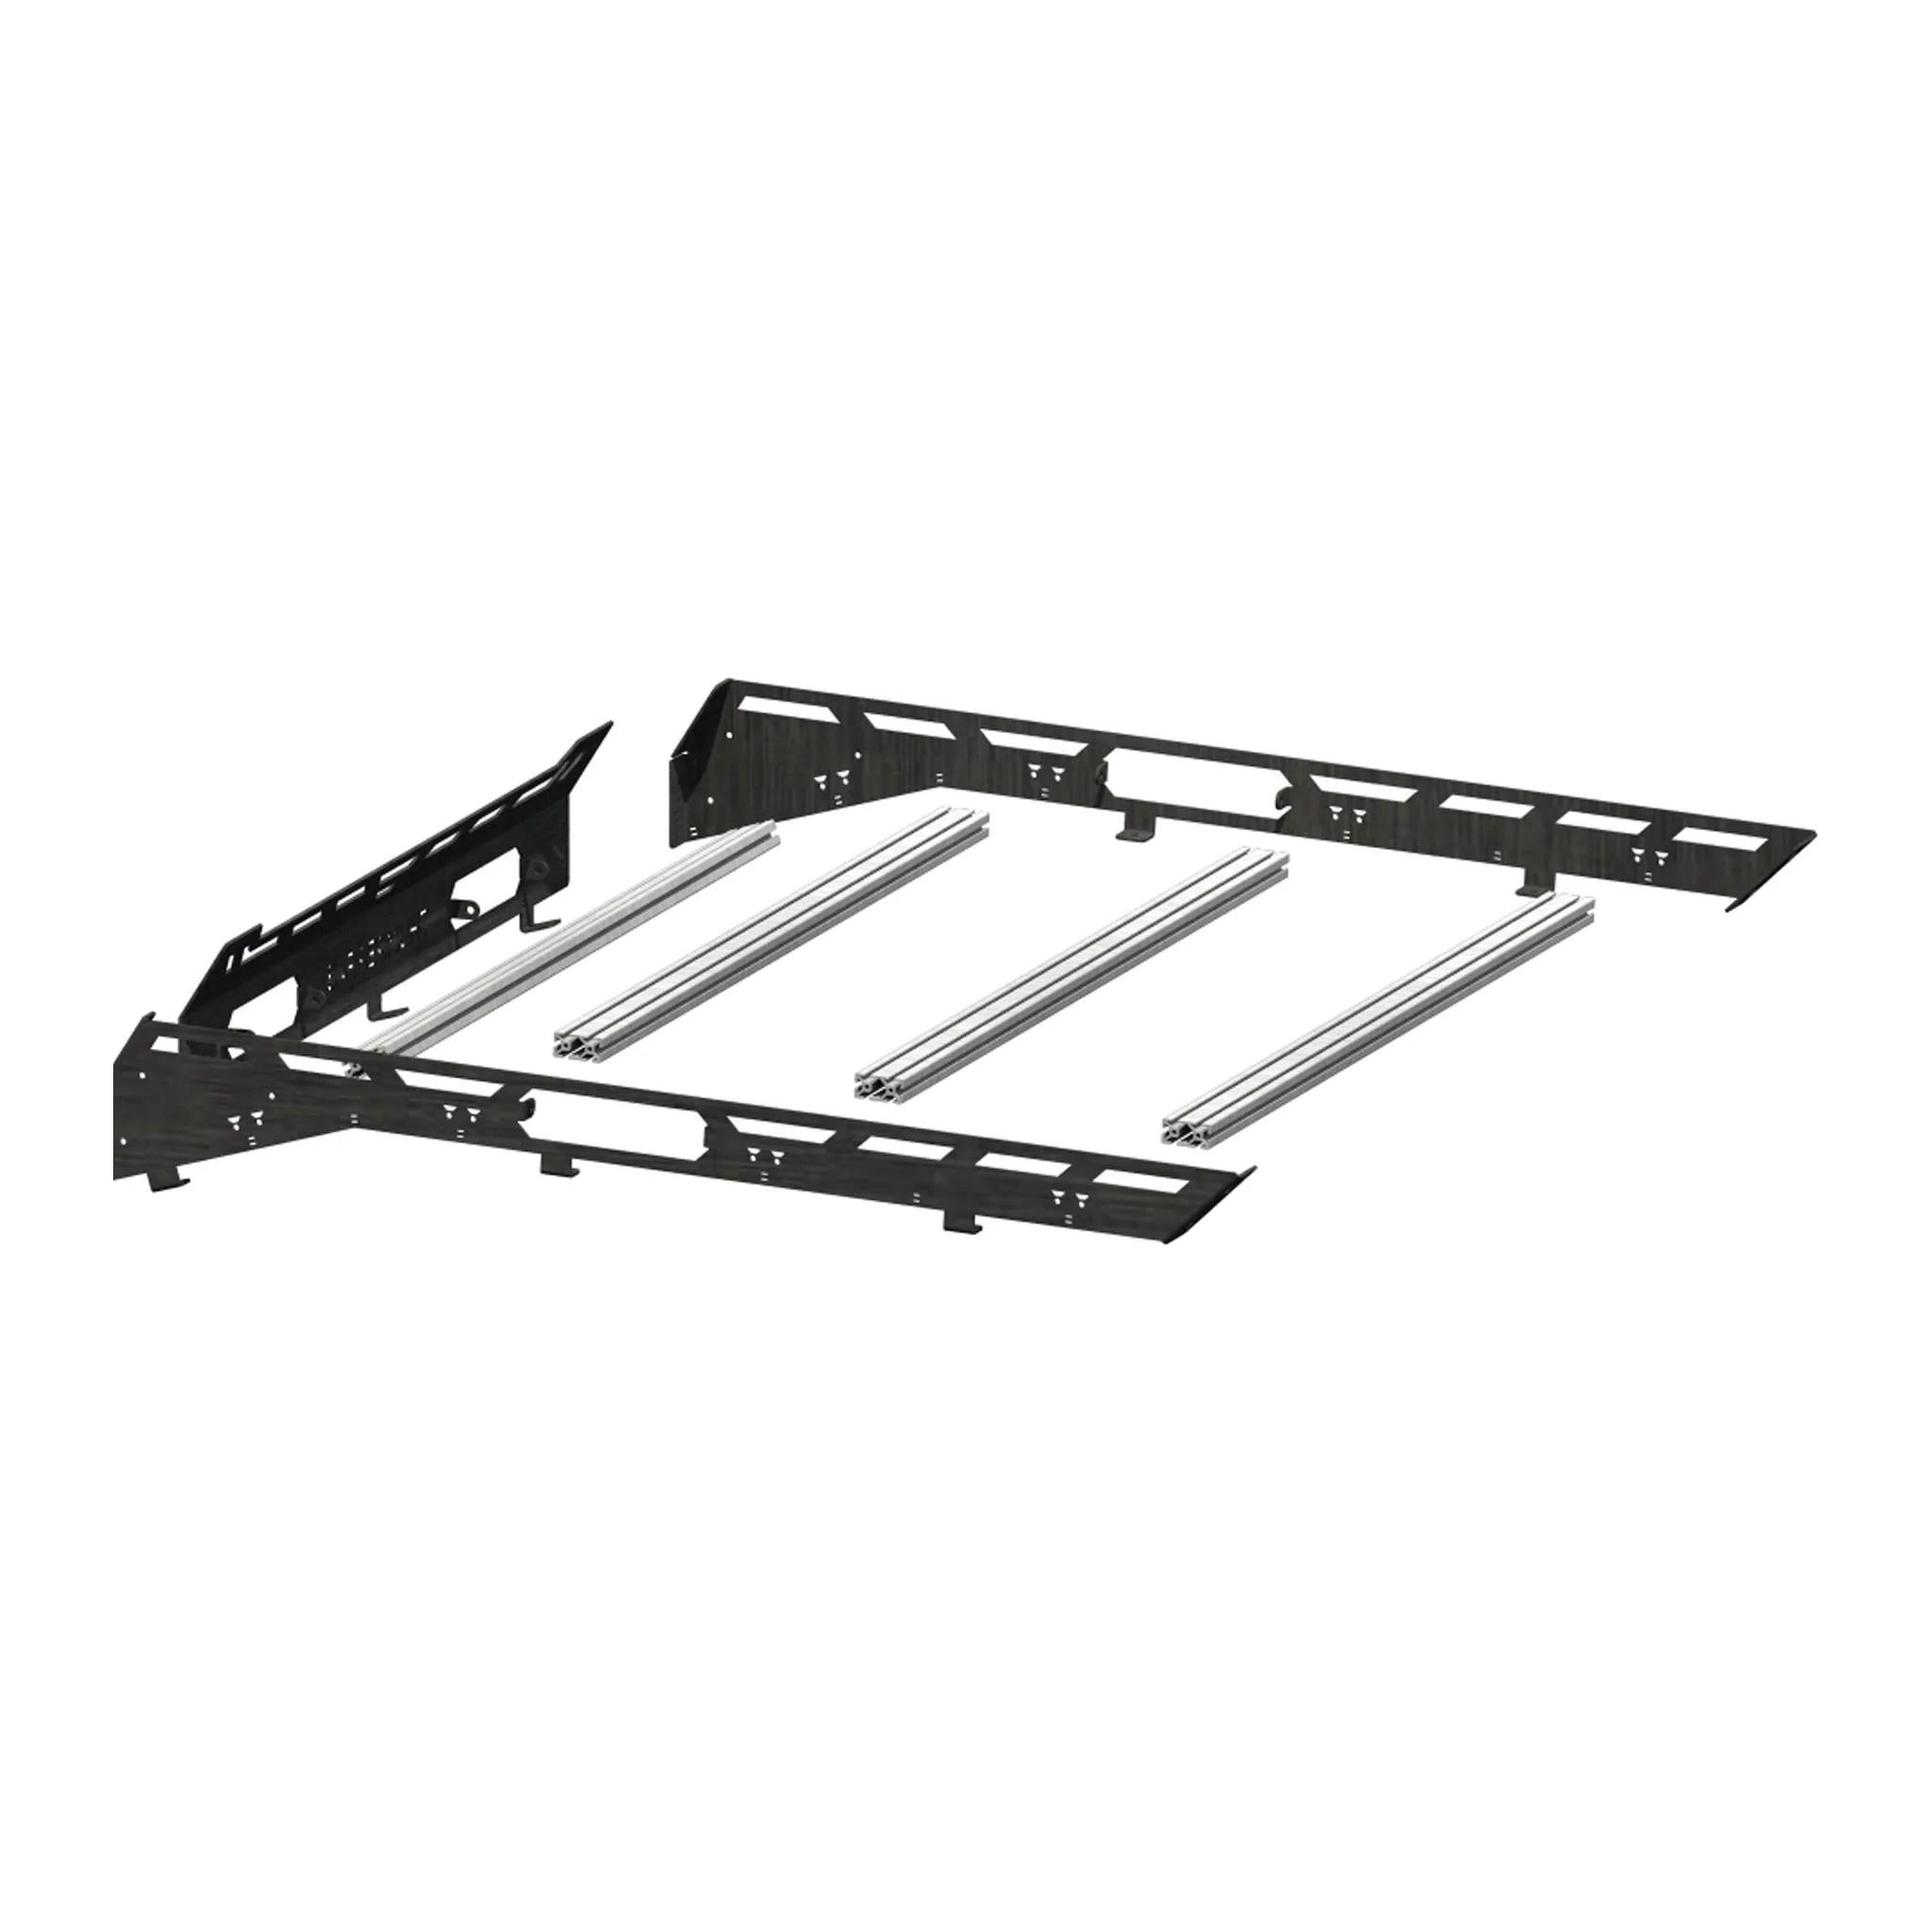 t slot rail kit for the polaris general l3 l4 audio roof